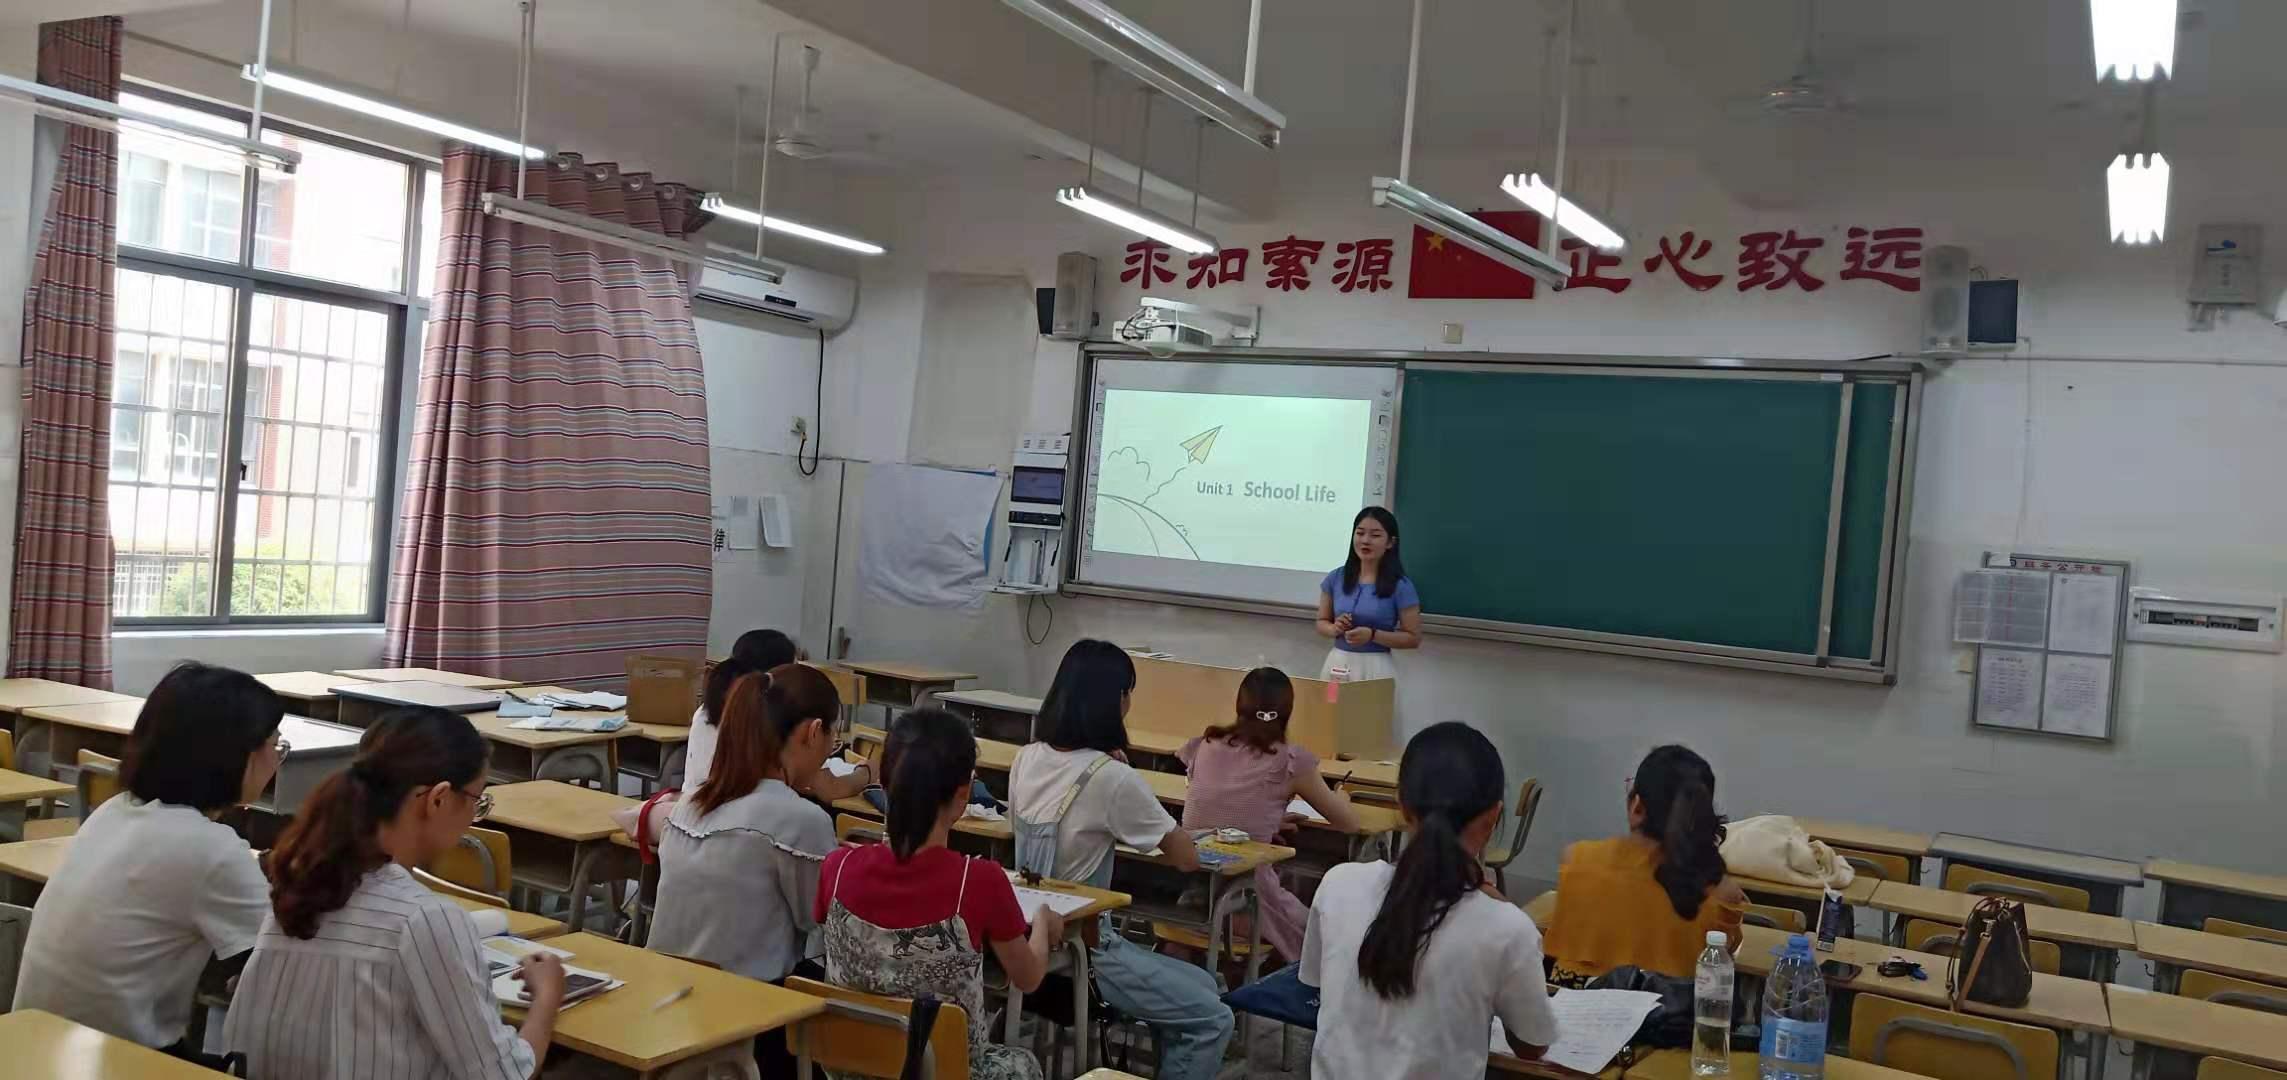 英语教师21.jpg